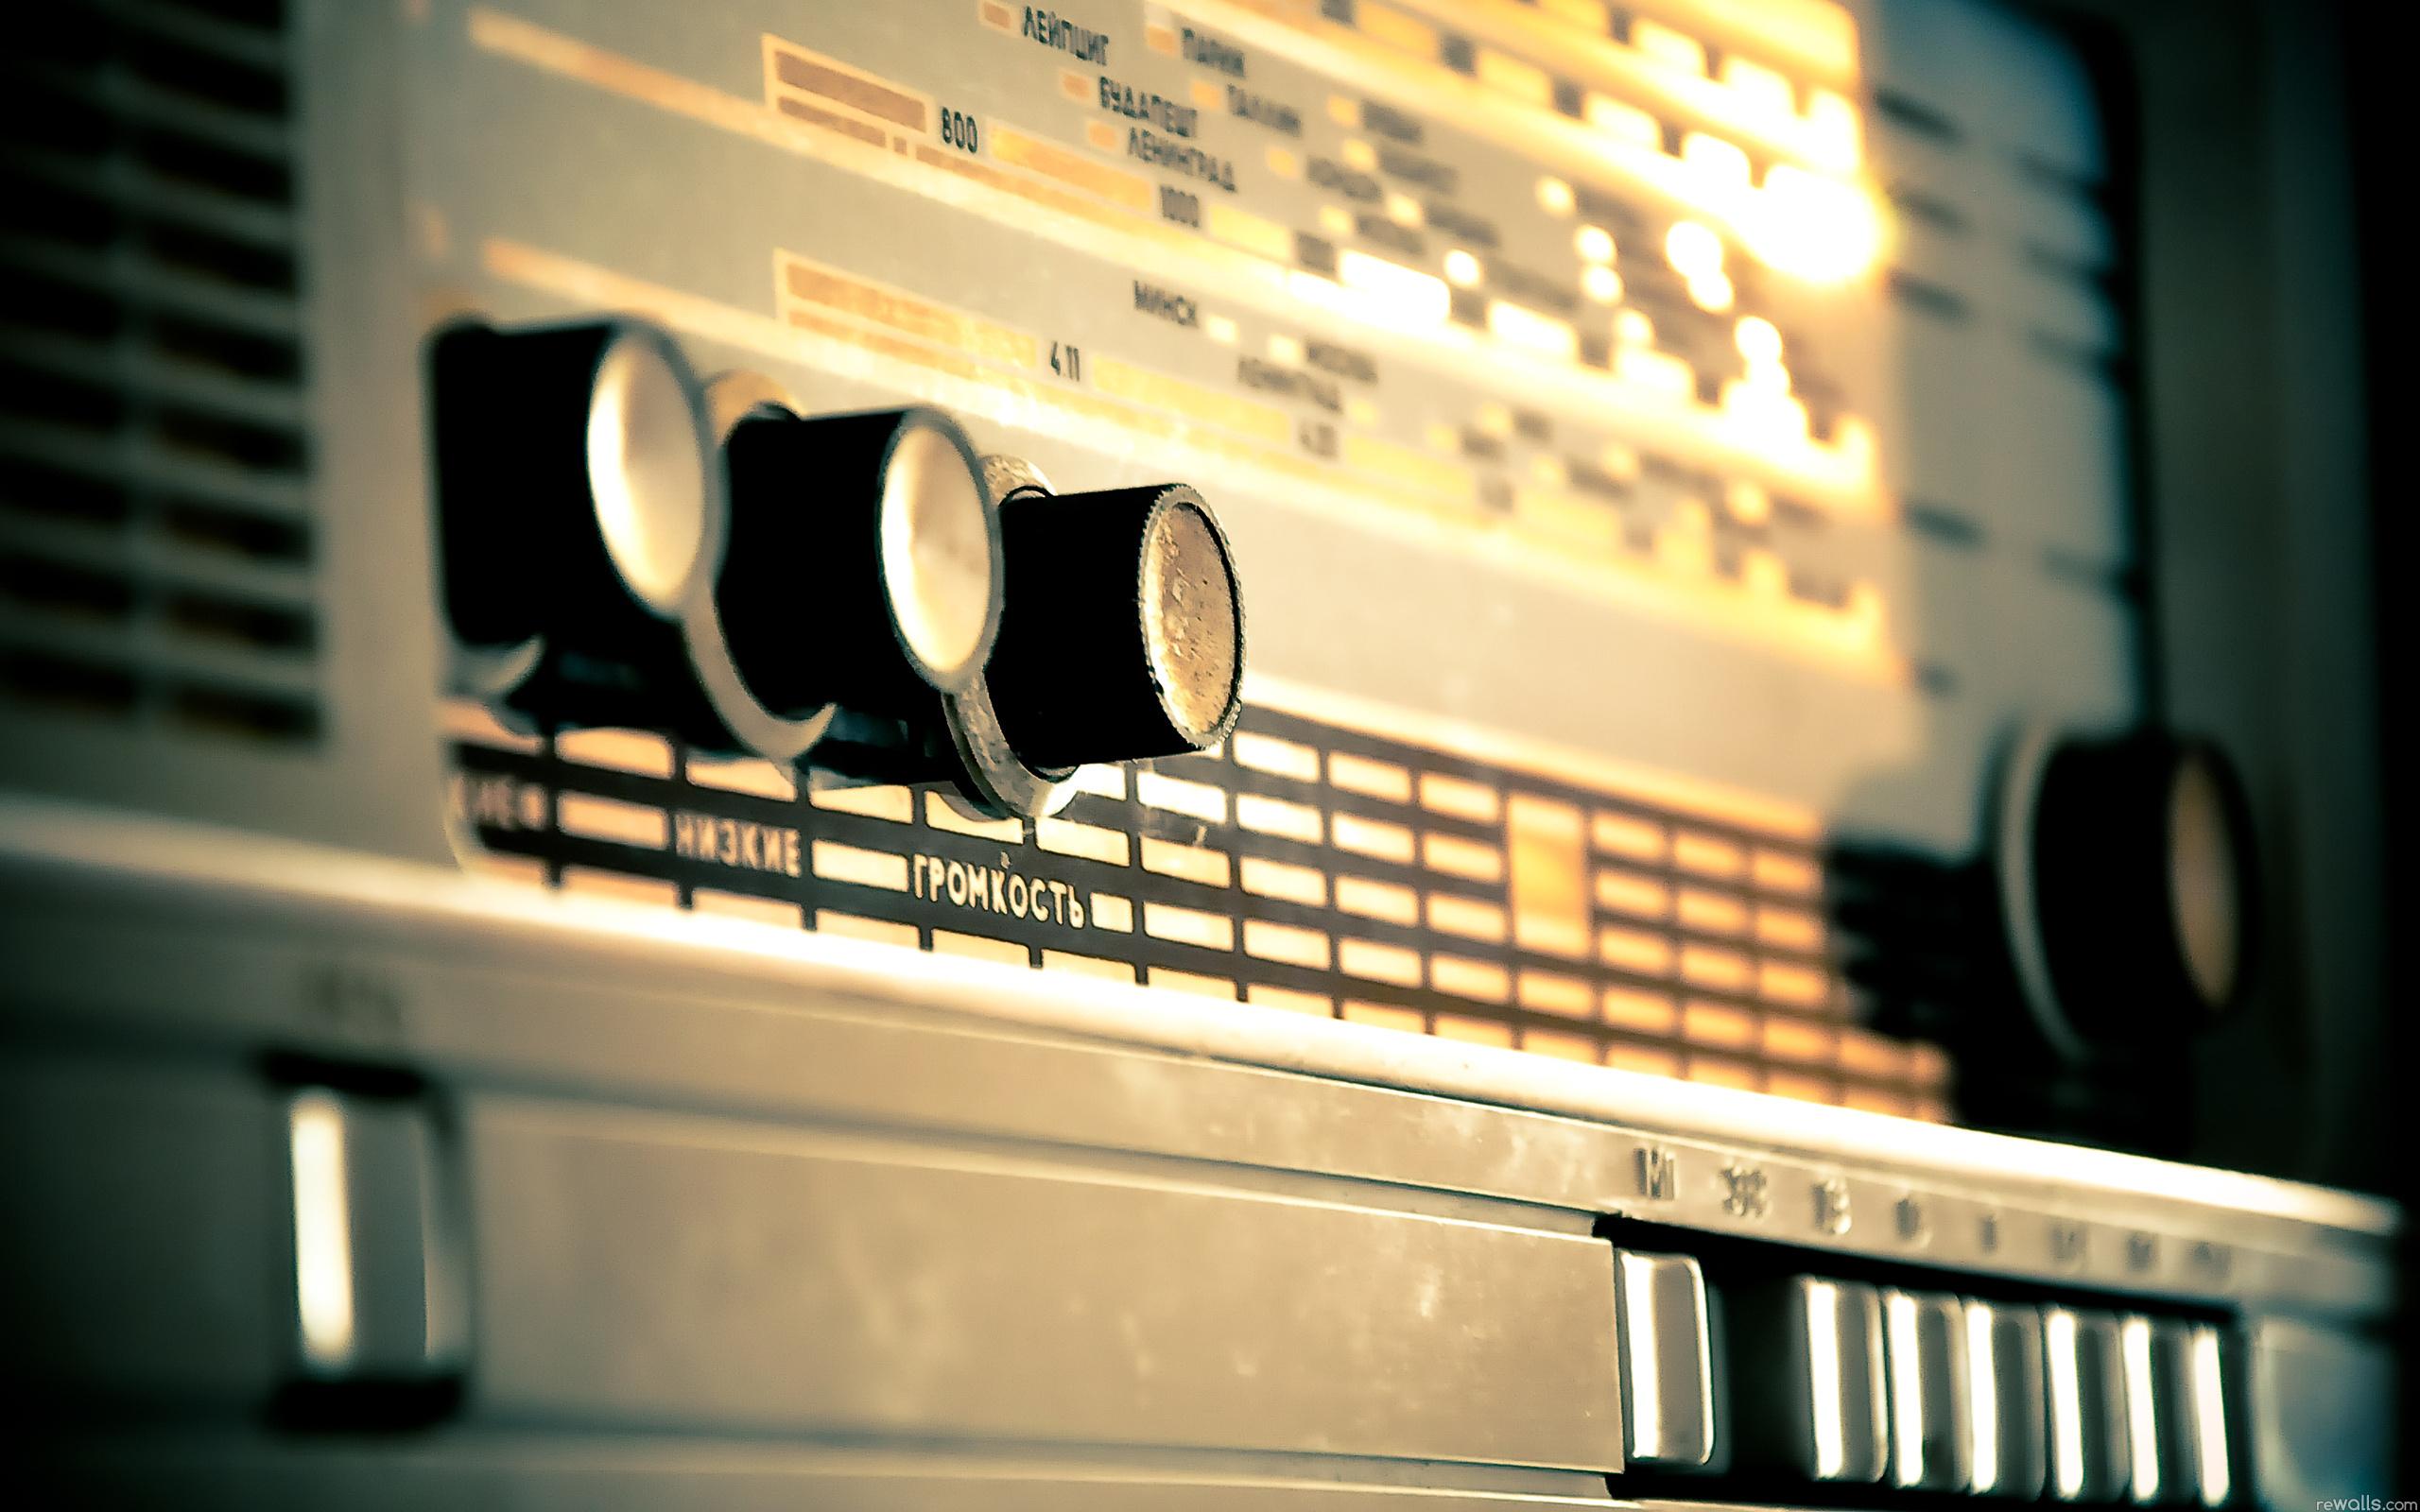 Список радио - выберите то, что вам по душе